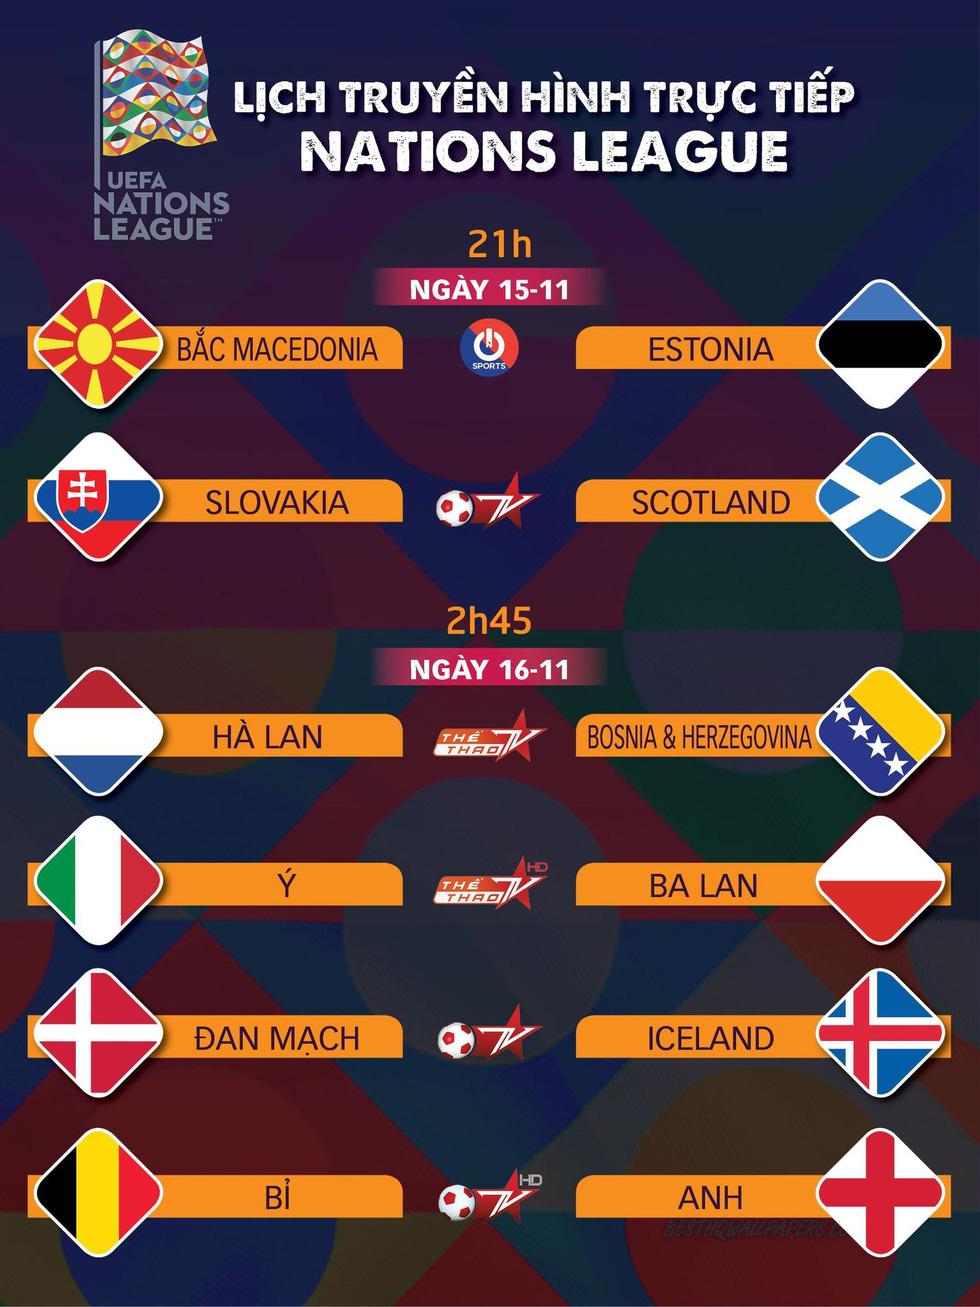 Lịch trực tiếp Nations League: Tâm điểm Bỉ - Anh - Ảnh 1.